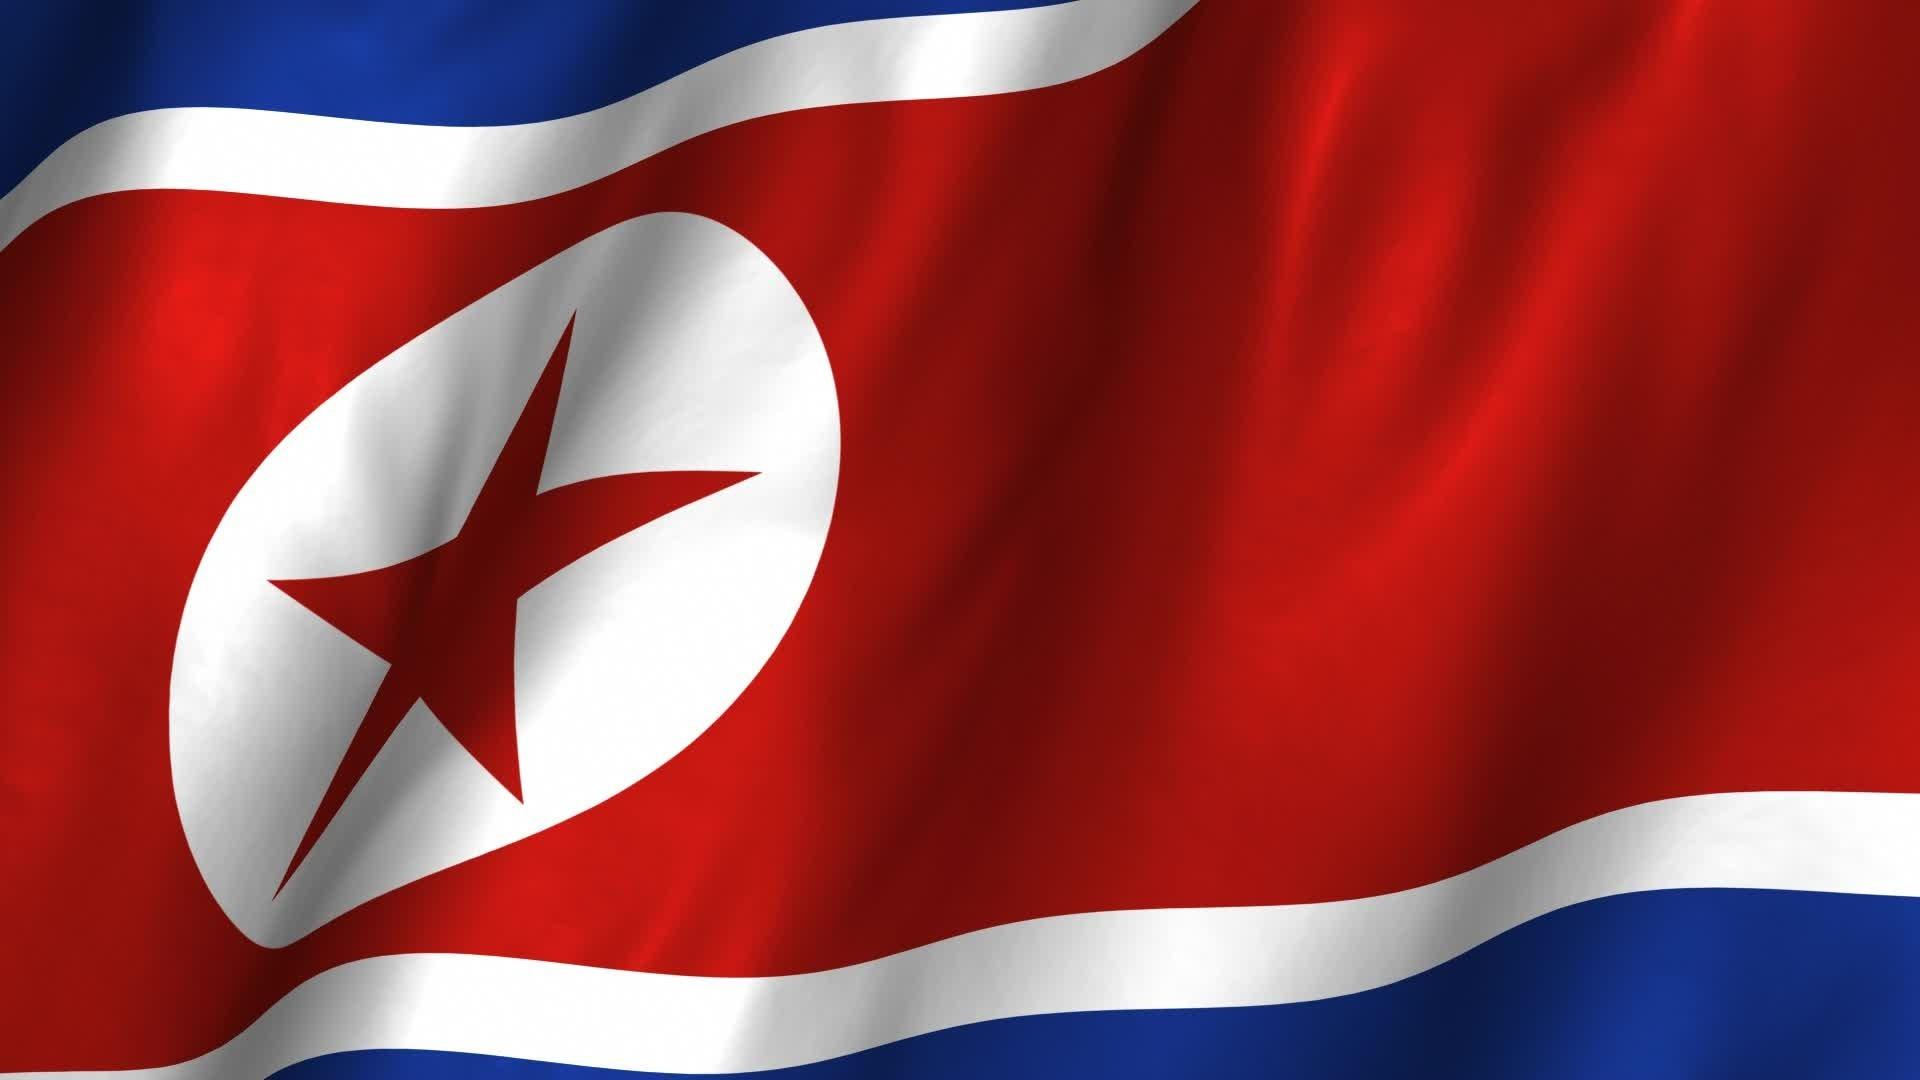 Flag of North Korea wallpaper